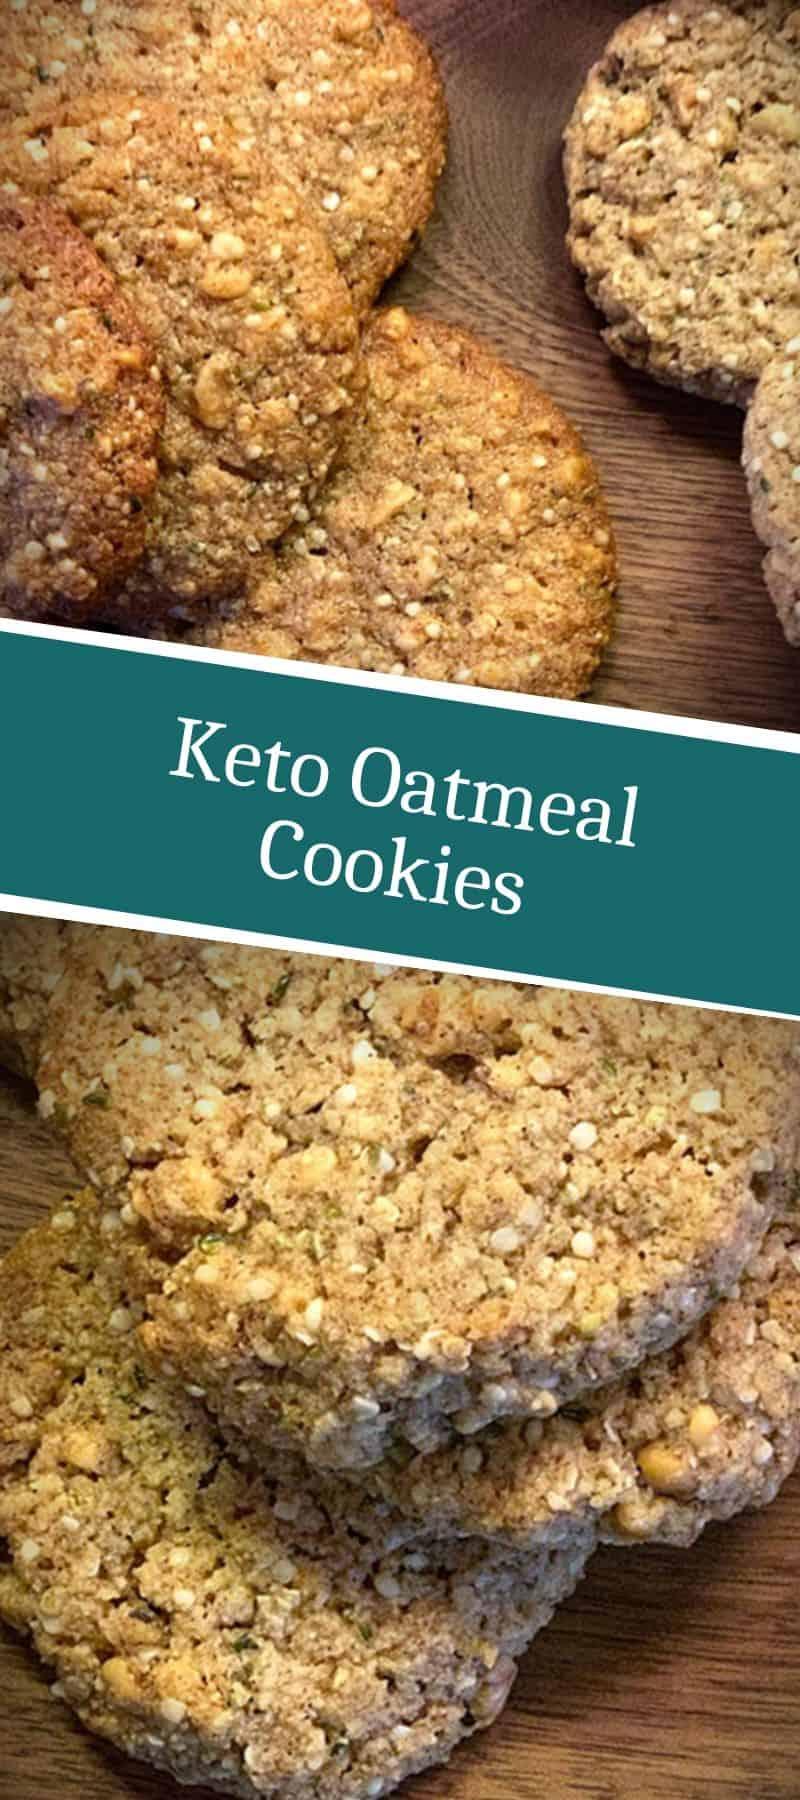 Keto Oatmeal Cookies 3